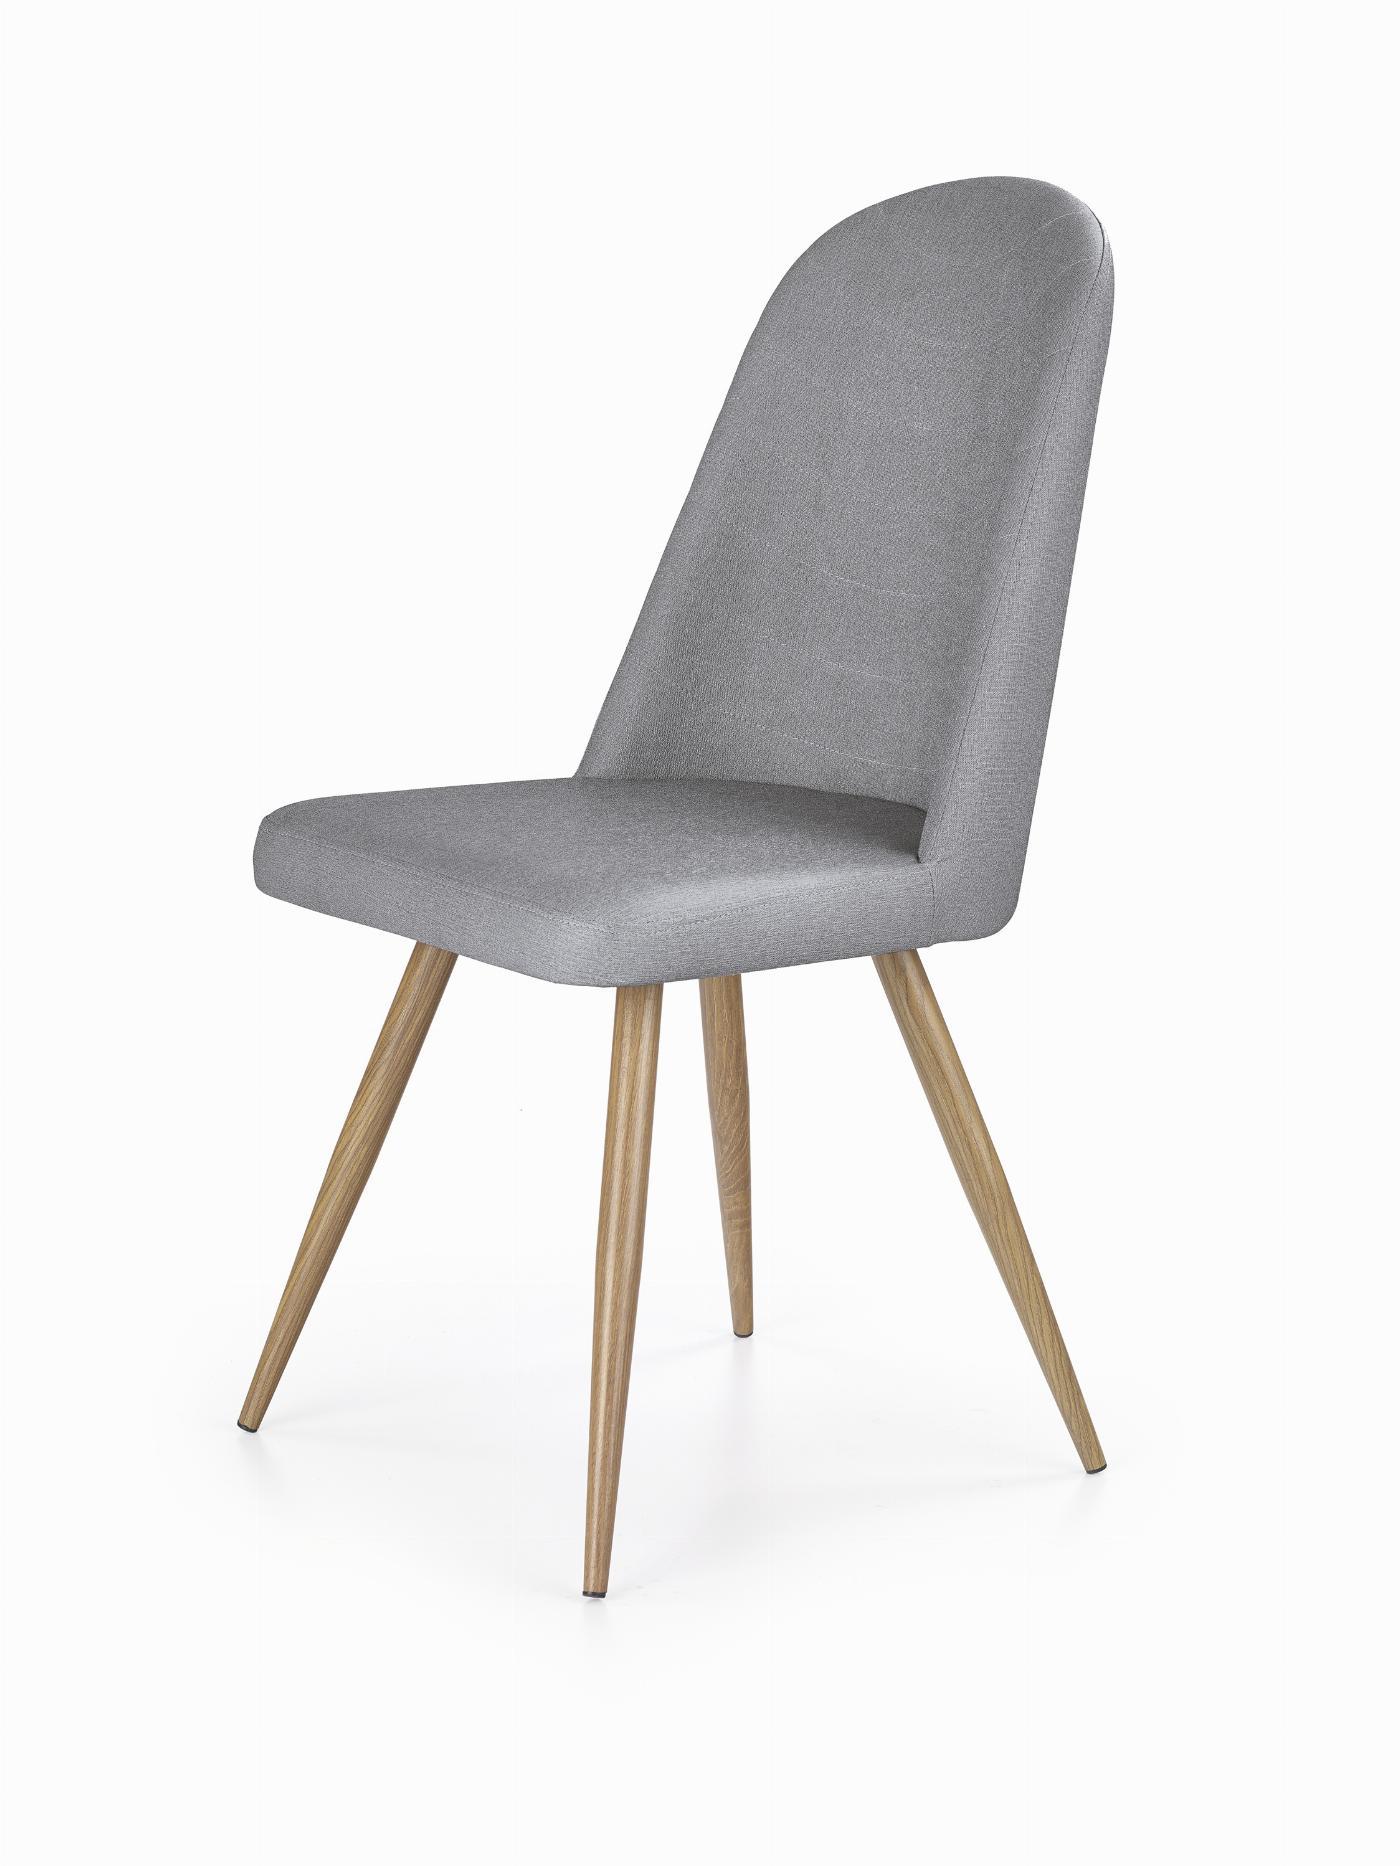 K214 krzesło popiel / dąb miodowy (2p=4szt)